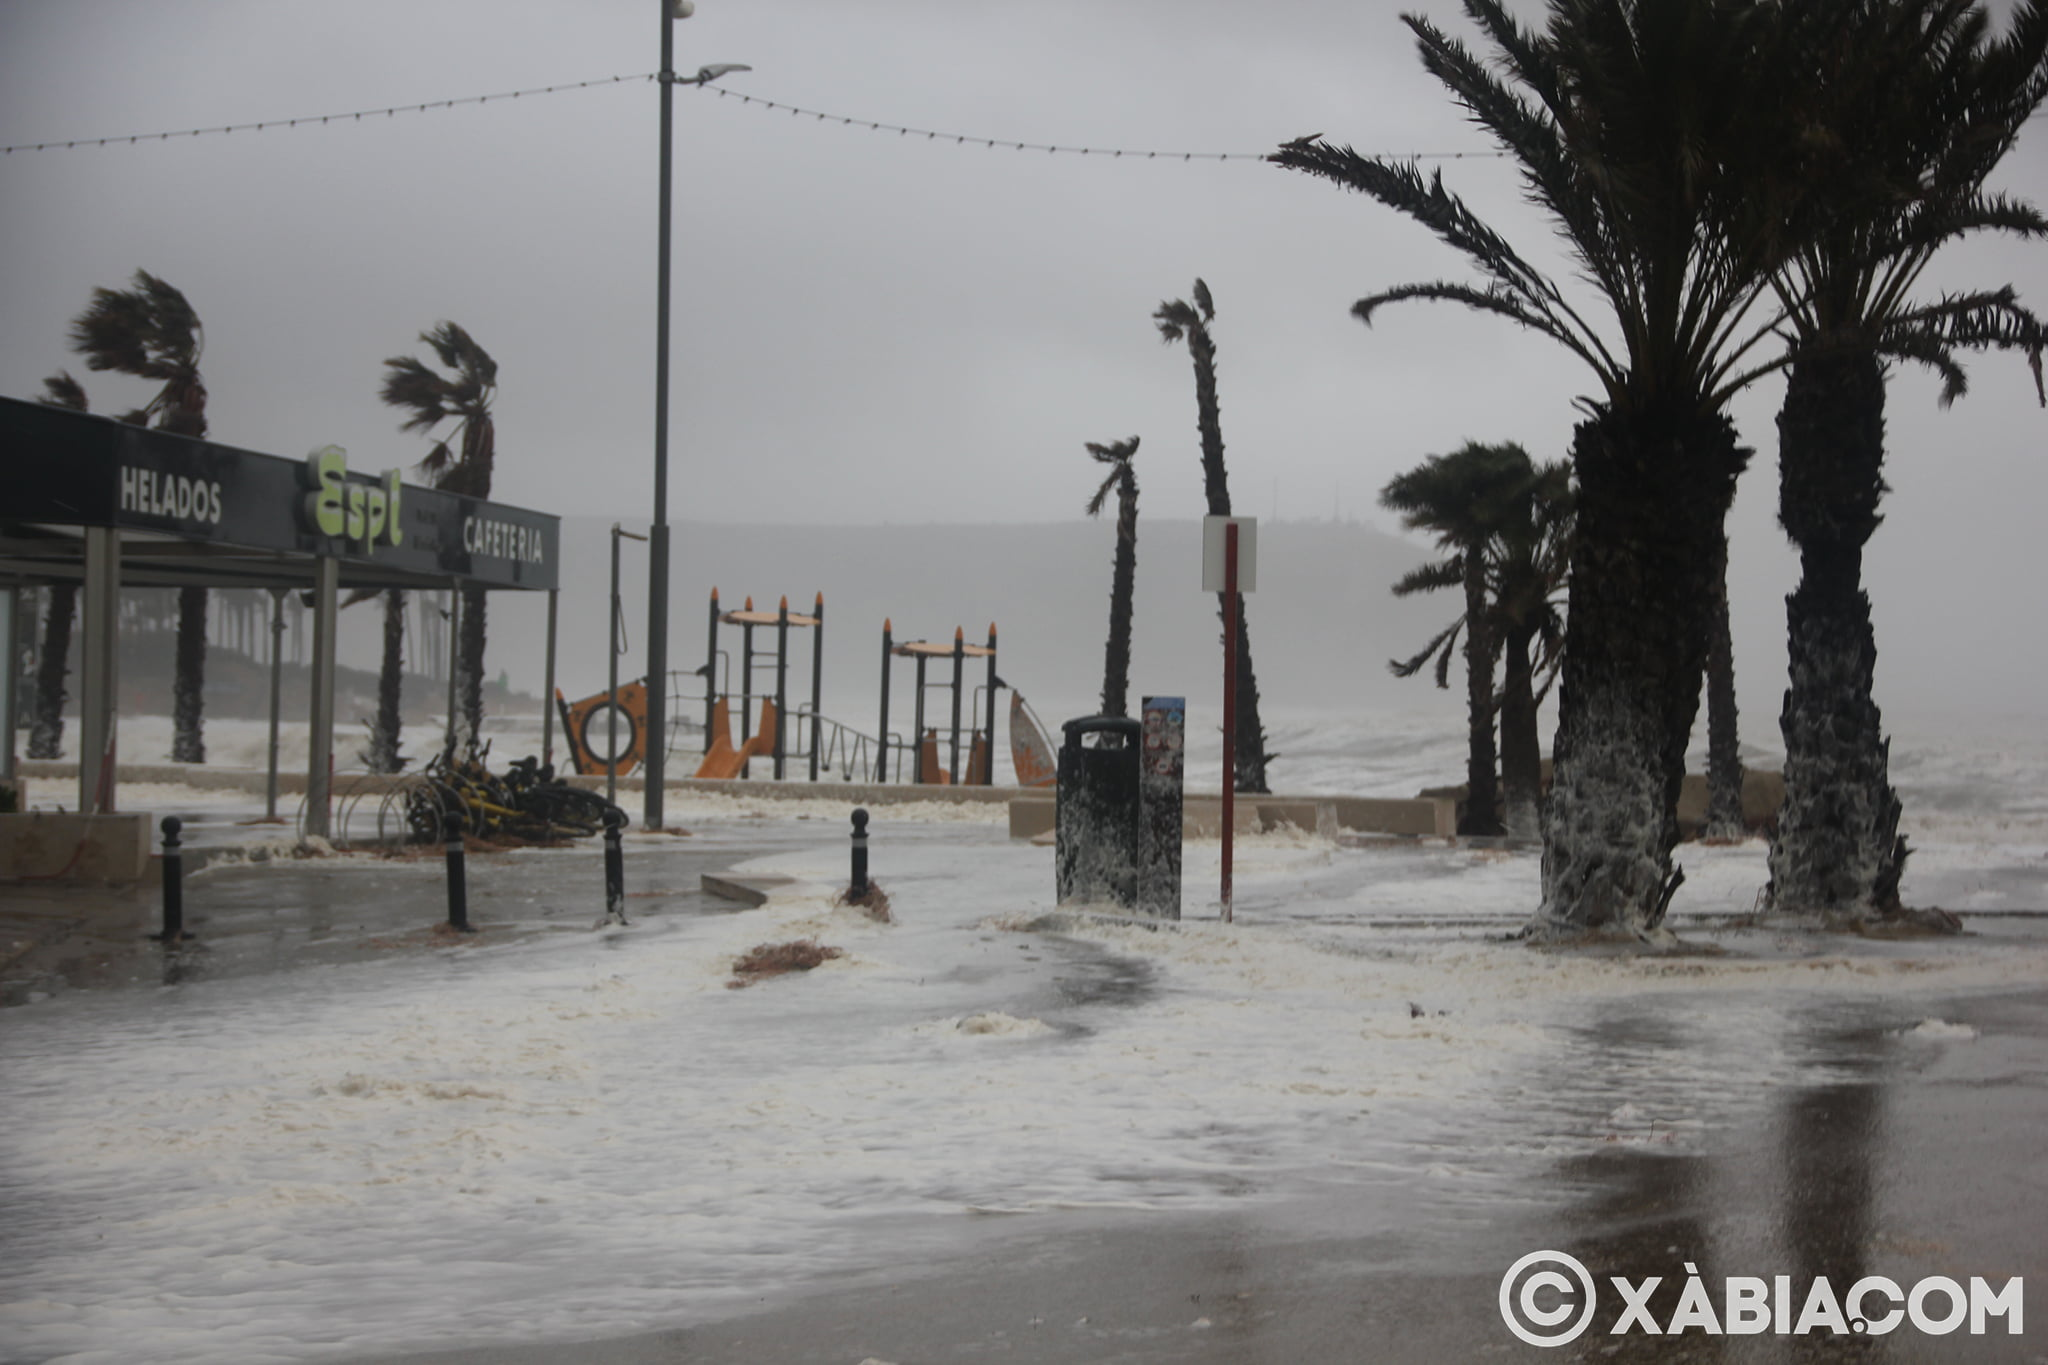 Brandelli di pioggia, vento e mare in Xàbia (31)